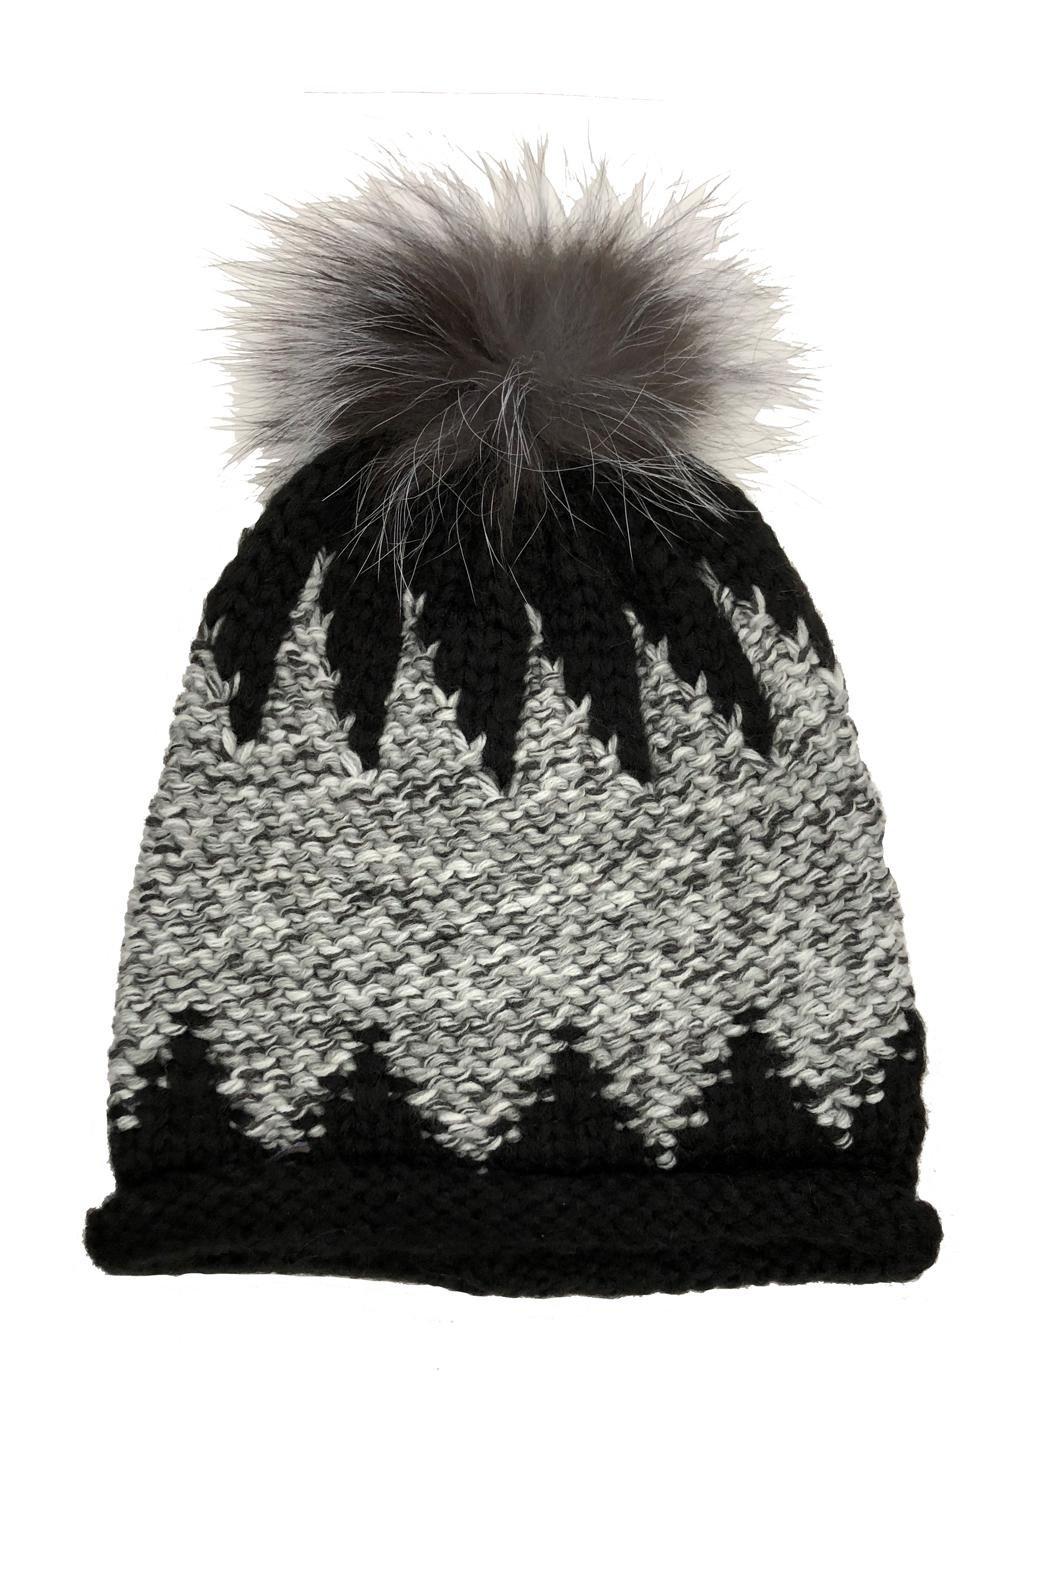 ZigZag Hat with Pom